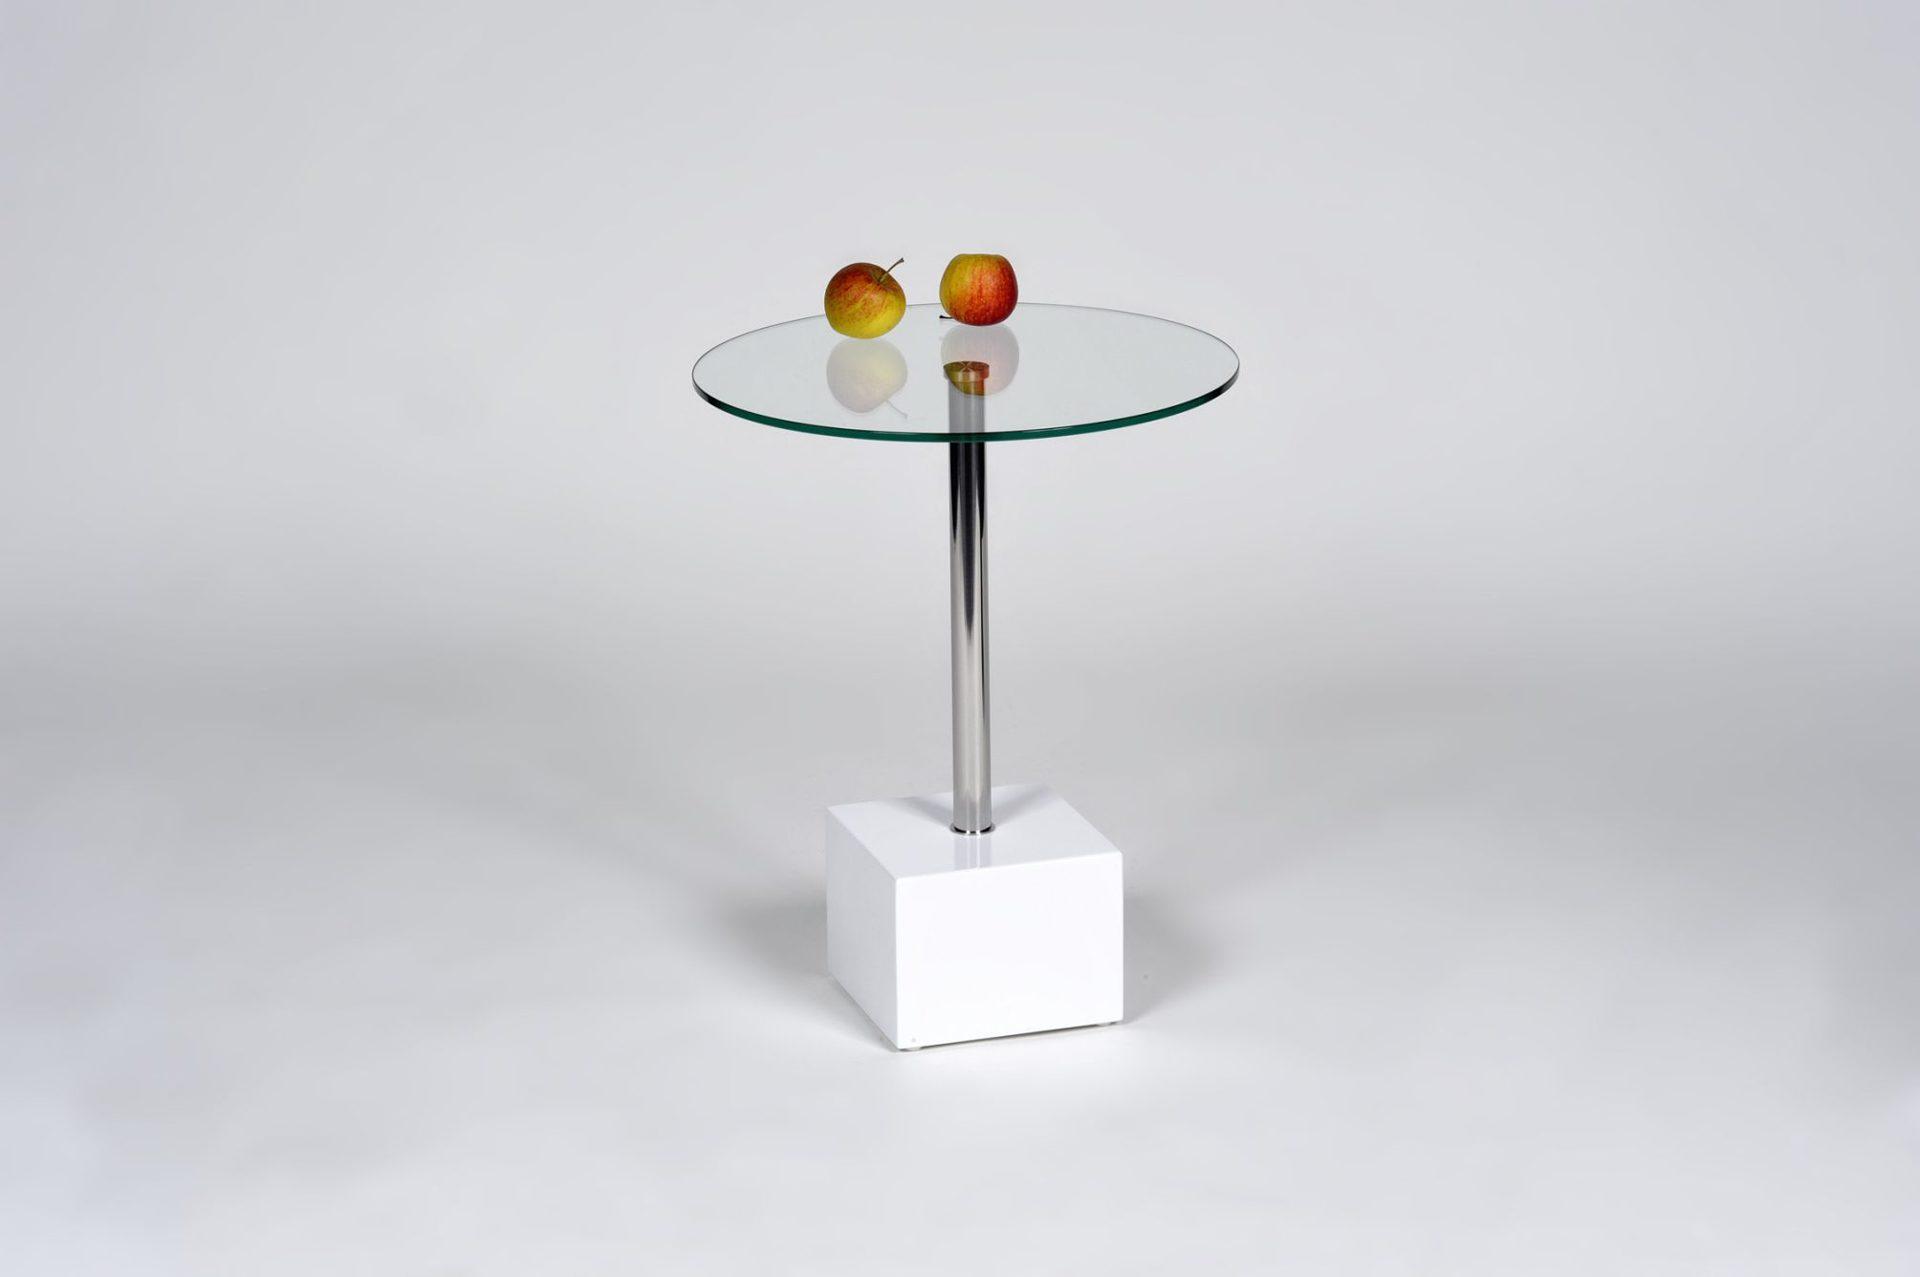 Nachttisch Wei Lack. Affordable Nachttisch Weiss Lack Elegant ...